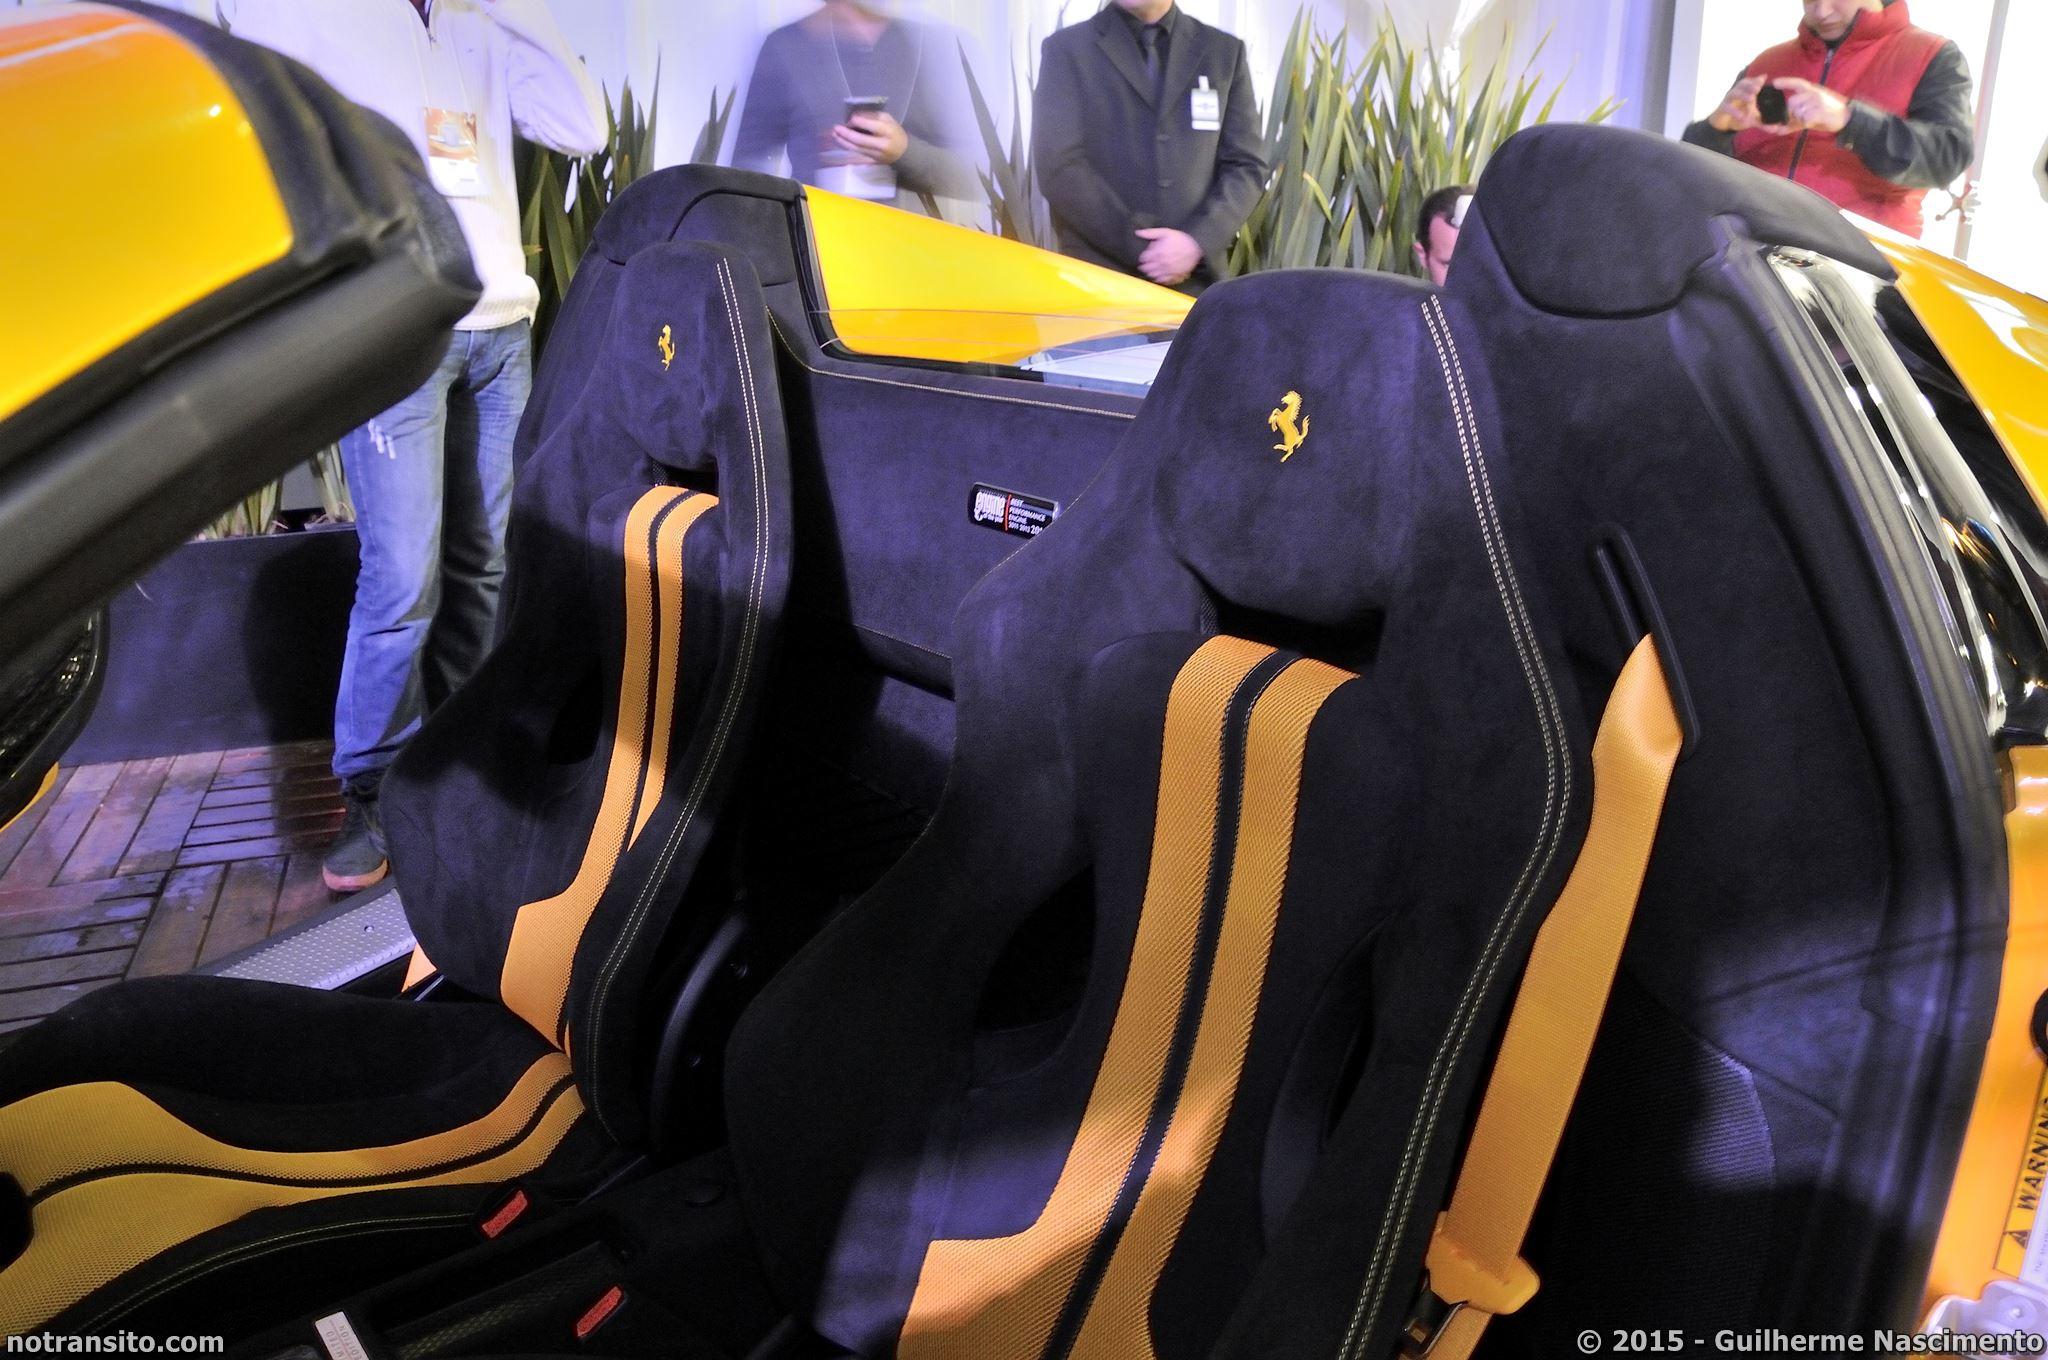 Ferrari 458 Speciale Aperta, Ferrari 458 Speciale A, Giallo Triplo Strato, Marina Tedesco, Lançamento 458 Speciale Aperta, Via Itália